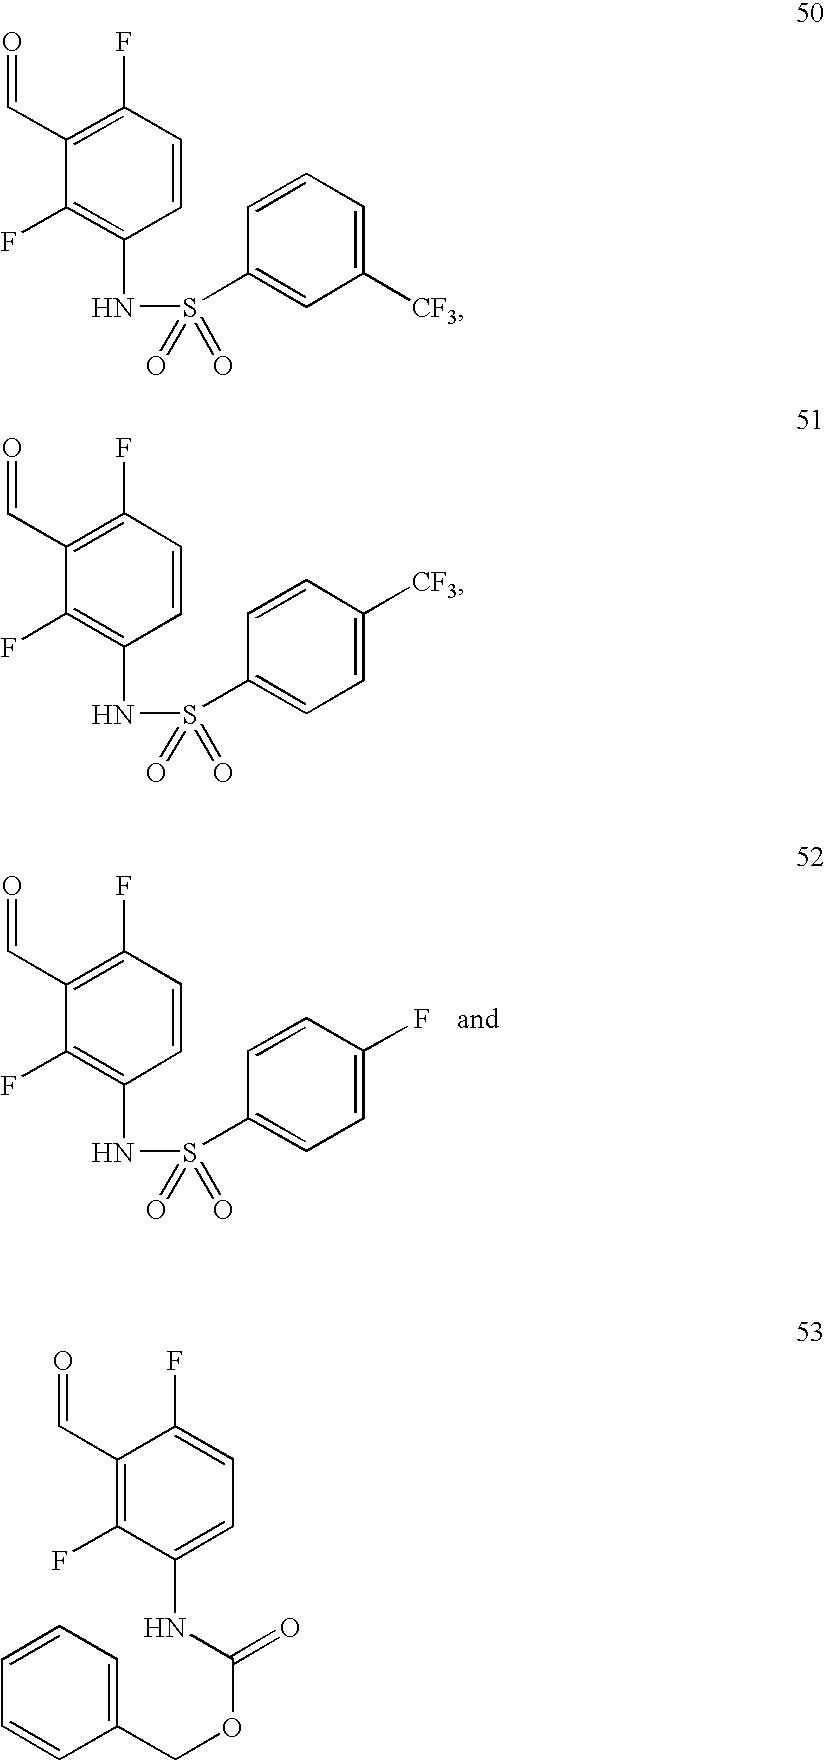 Figure US20080188514A1-20080807-C00237